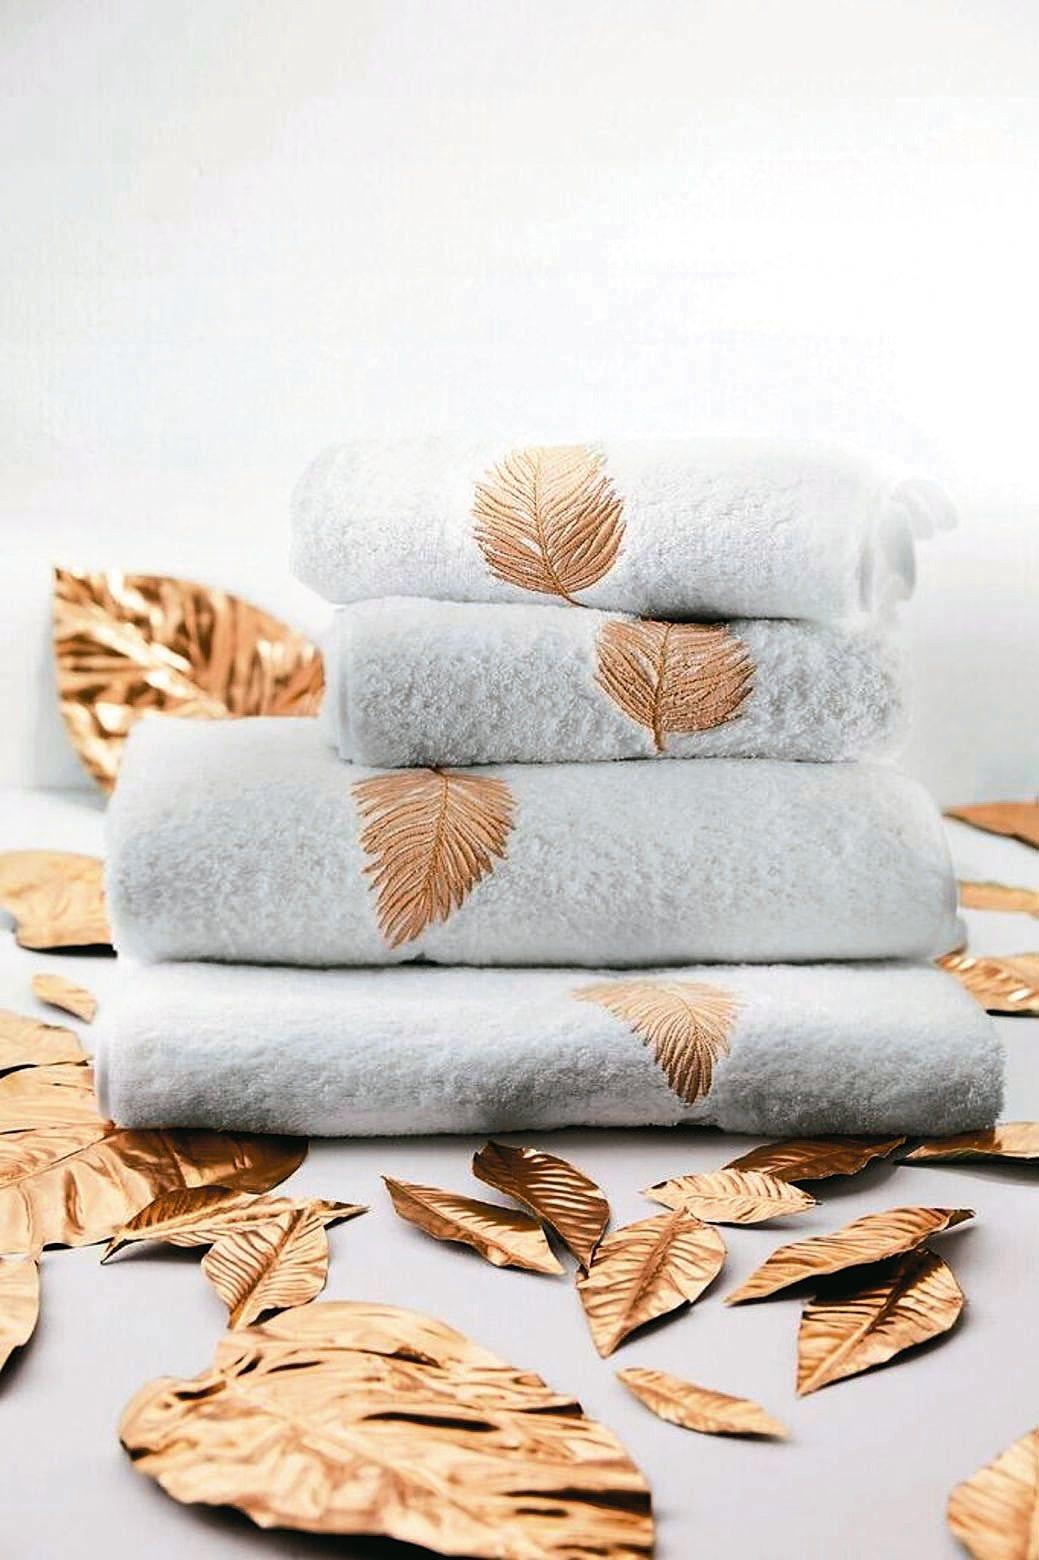 客製化家飾服務,可將家徽或自己喜歡的圖案透過刺繡呈現在寢具、浴巾、桌巾上。 FR...